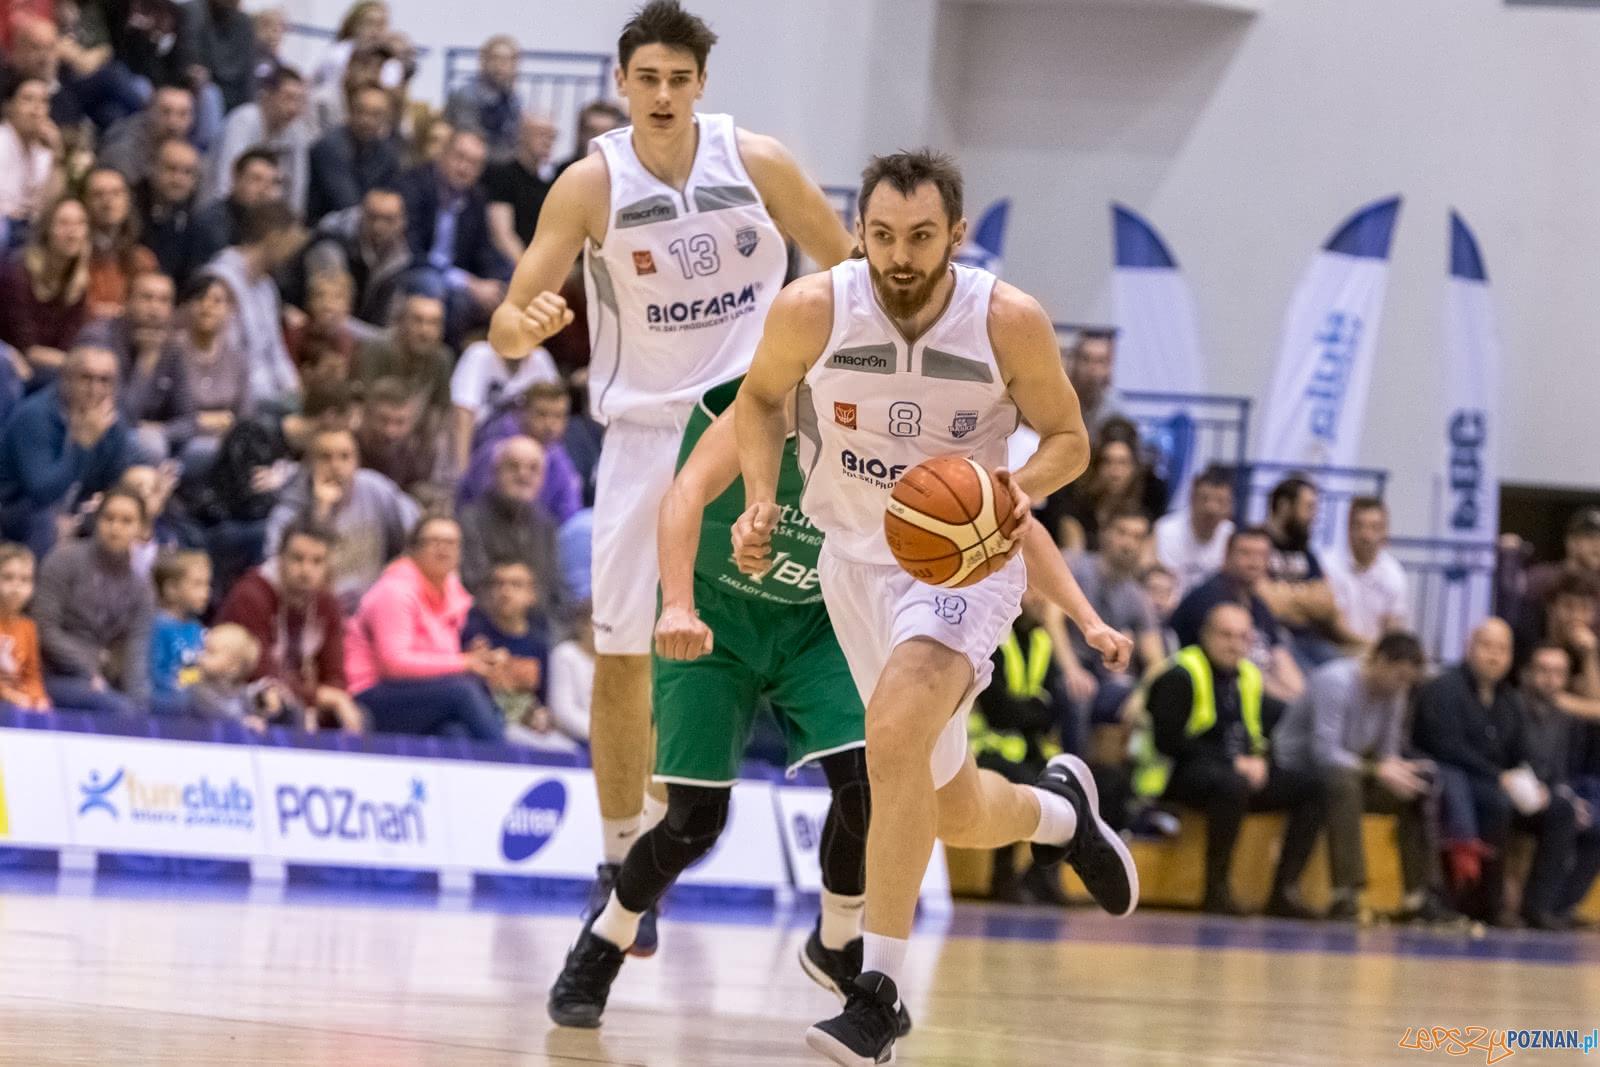 1 liga: Biofarm Basket Poznań - Śląsk Wrocław 70:79 - Pozna  Foto: LepszyPOZNAN.pl / Paweł Rychter